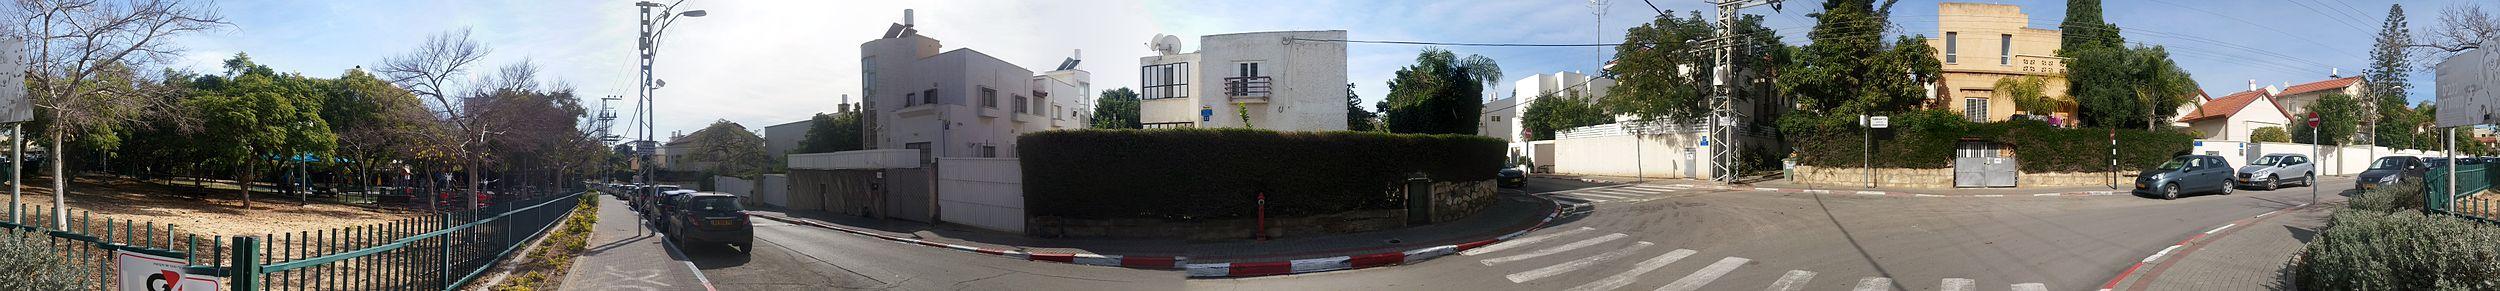 צומת הרחובות אשכנזי וטורקוב בשיכון דן